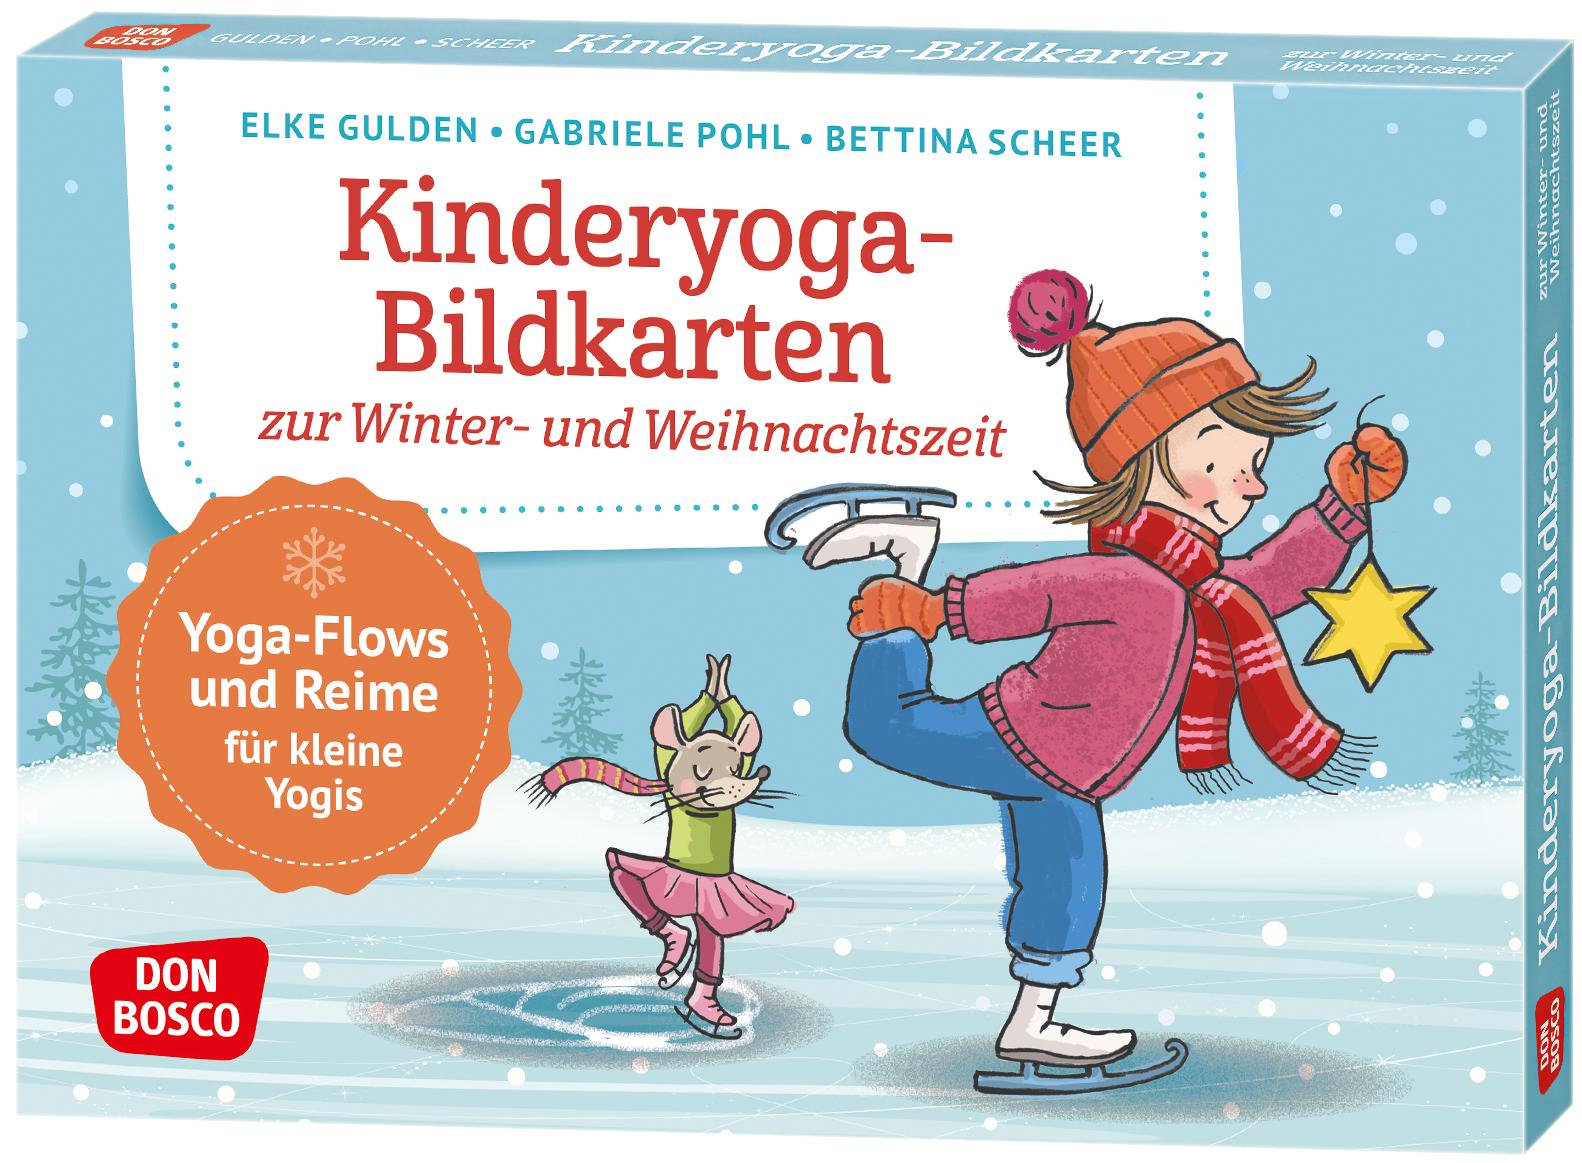 Kinderyoga-Bildkarten zur Winter- und Weihnachtszeit